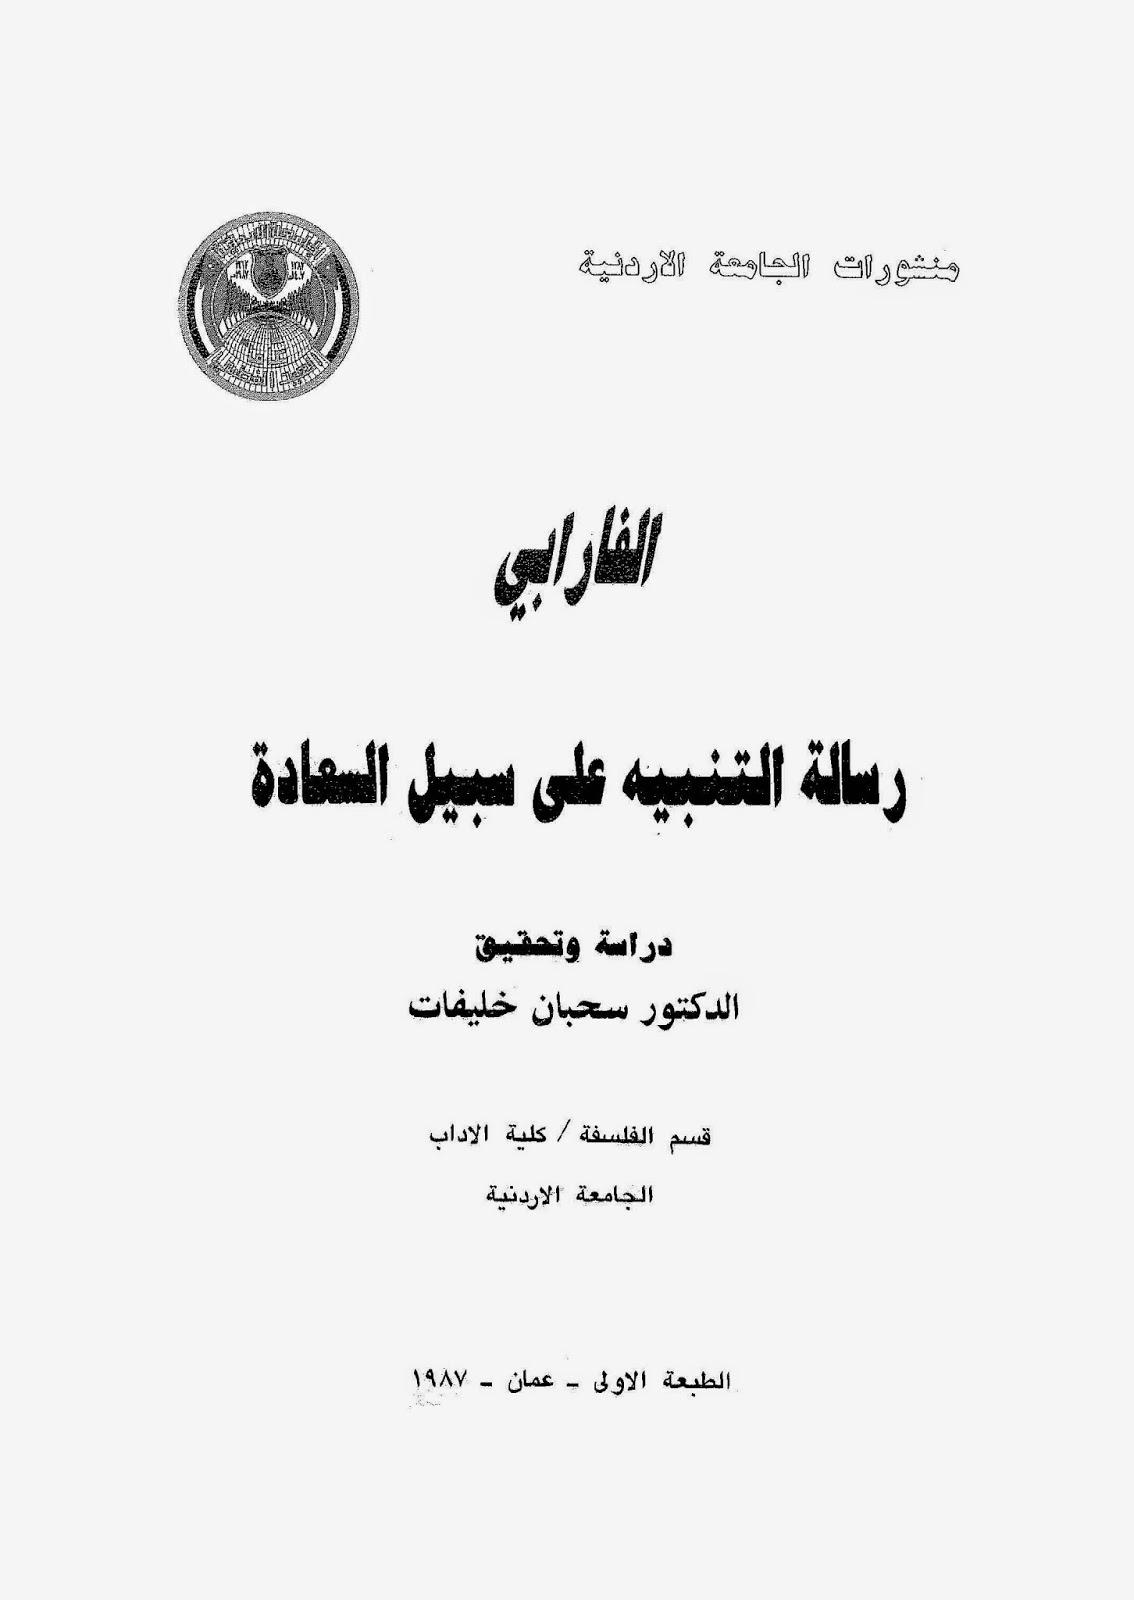 كتاب رسالة التنبيه على سبيل السعادة لأبي نصر الفارابي